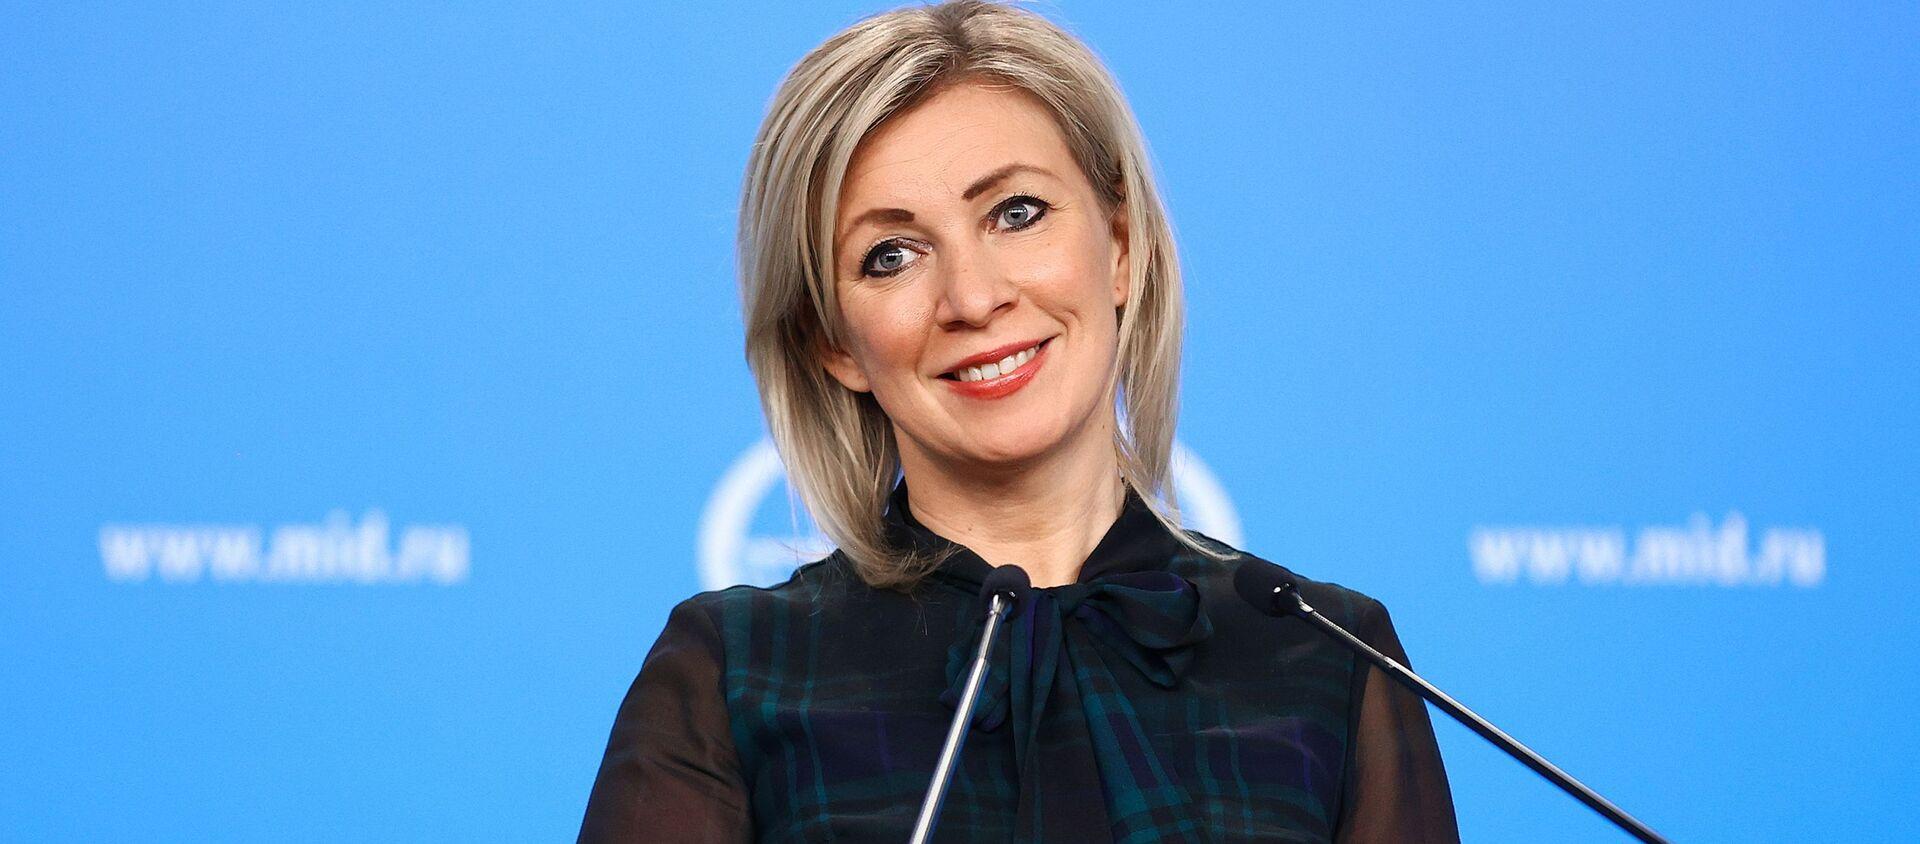 Официальный представитель Министерства иностранных дел России Мария Захарова - Sputnik Արմենիա, 1920, 21.05.2021